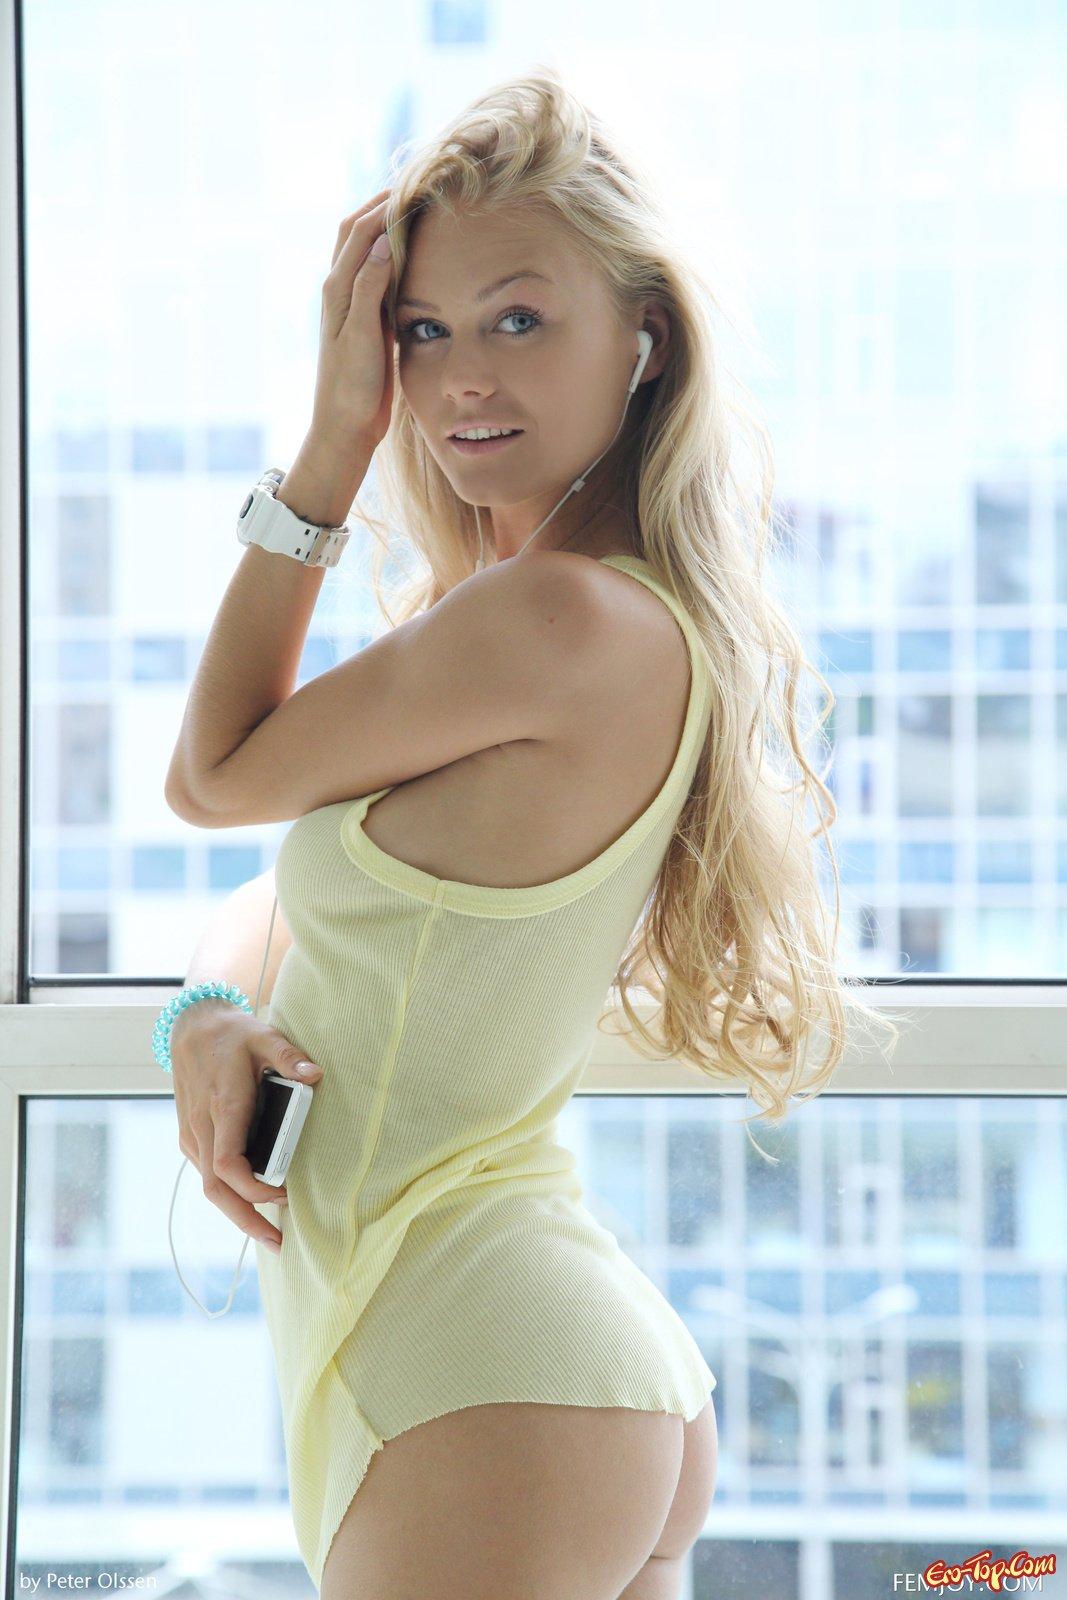 Обнаженная модель со свелыми волосами рядом с окном